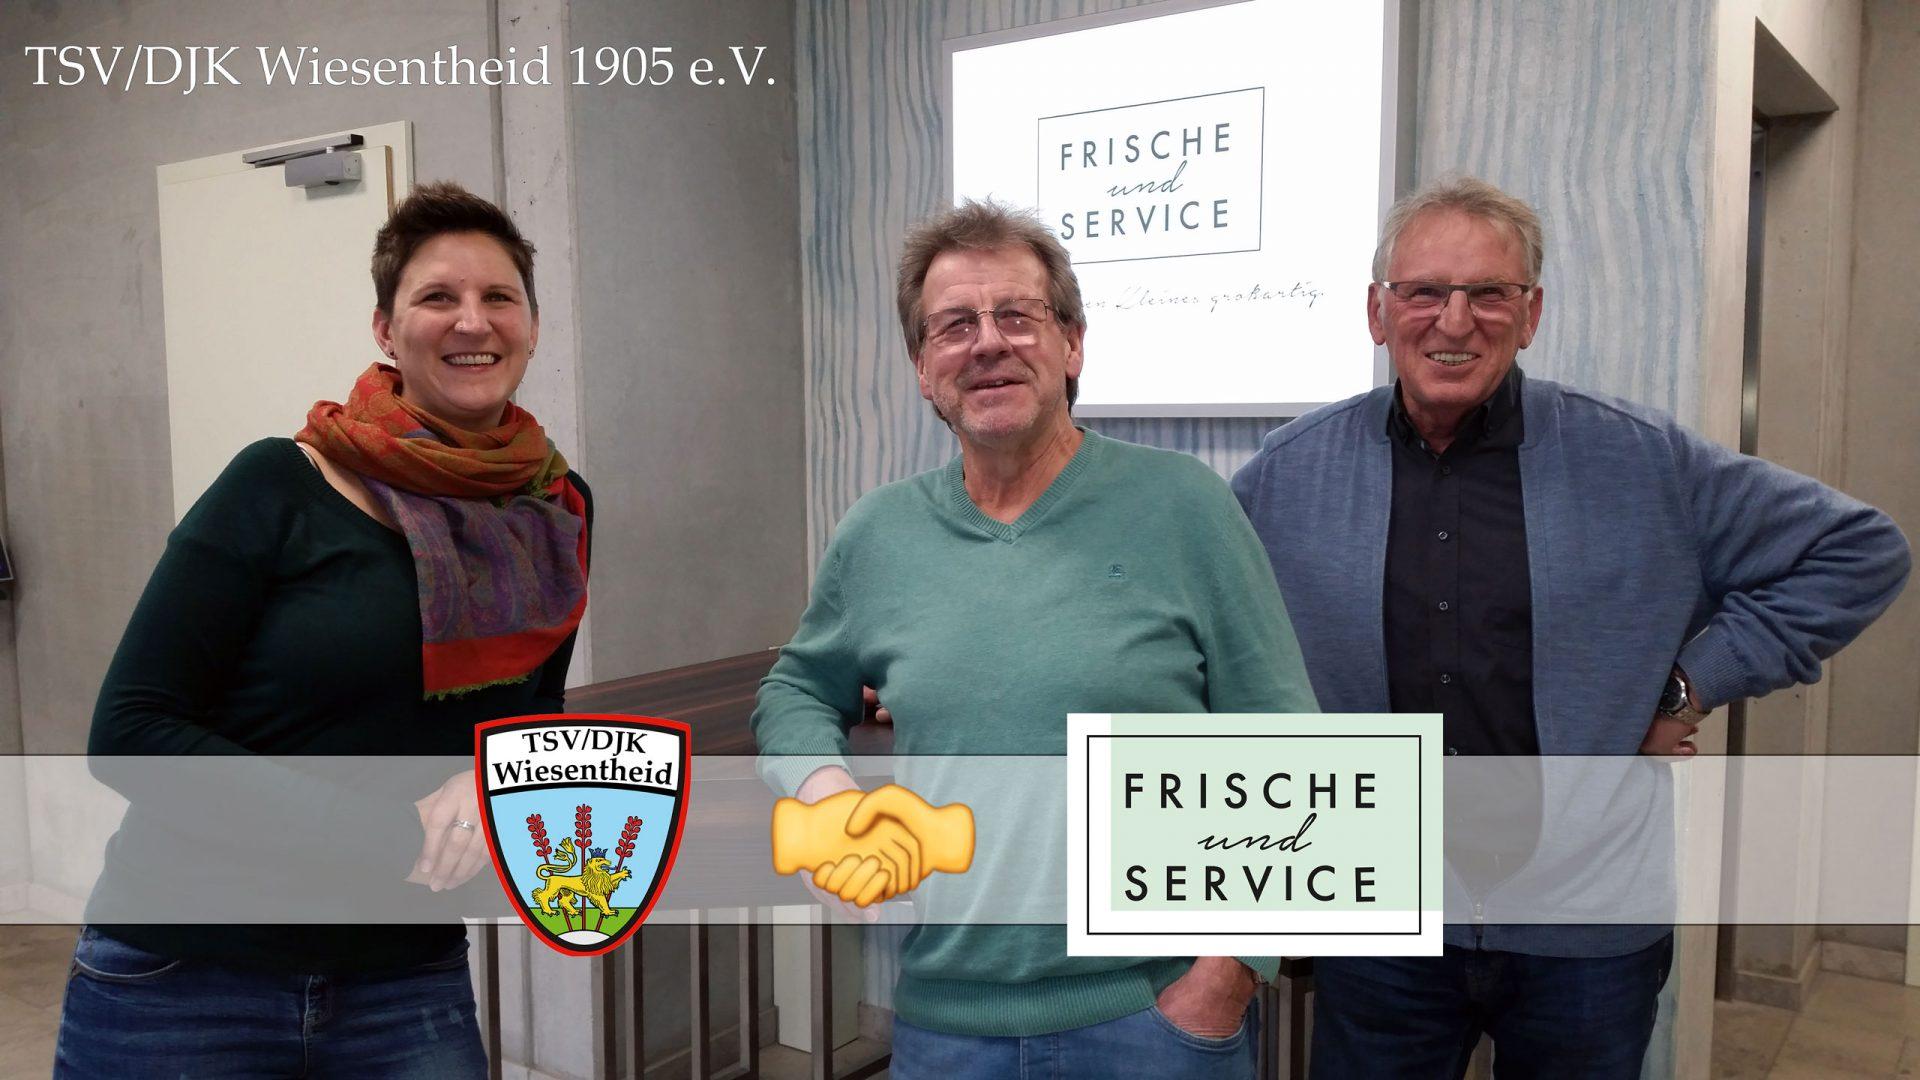 Frische & Service GmbH Sponsor TSV/DJK Wiesentheid 1905 e.V.